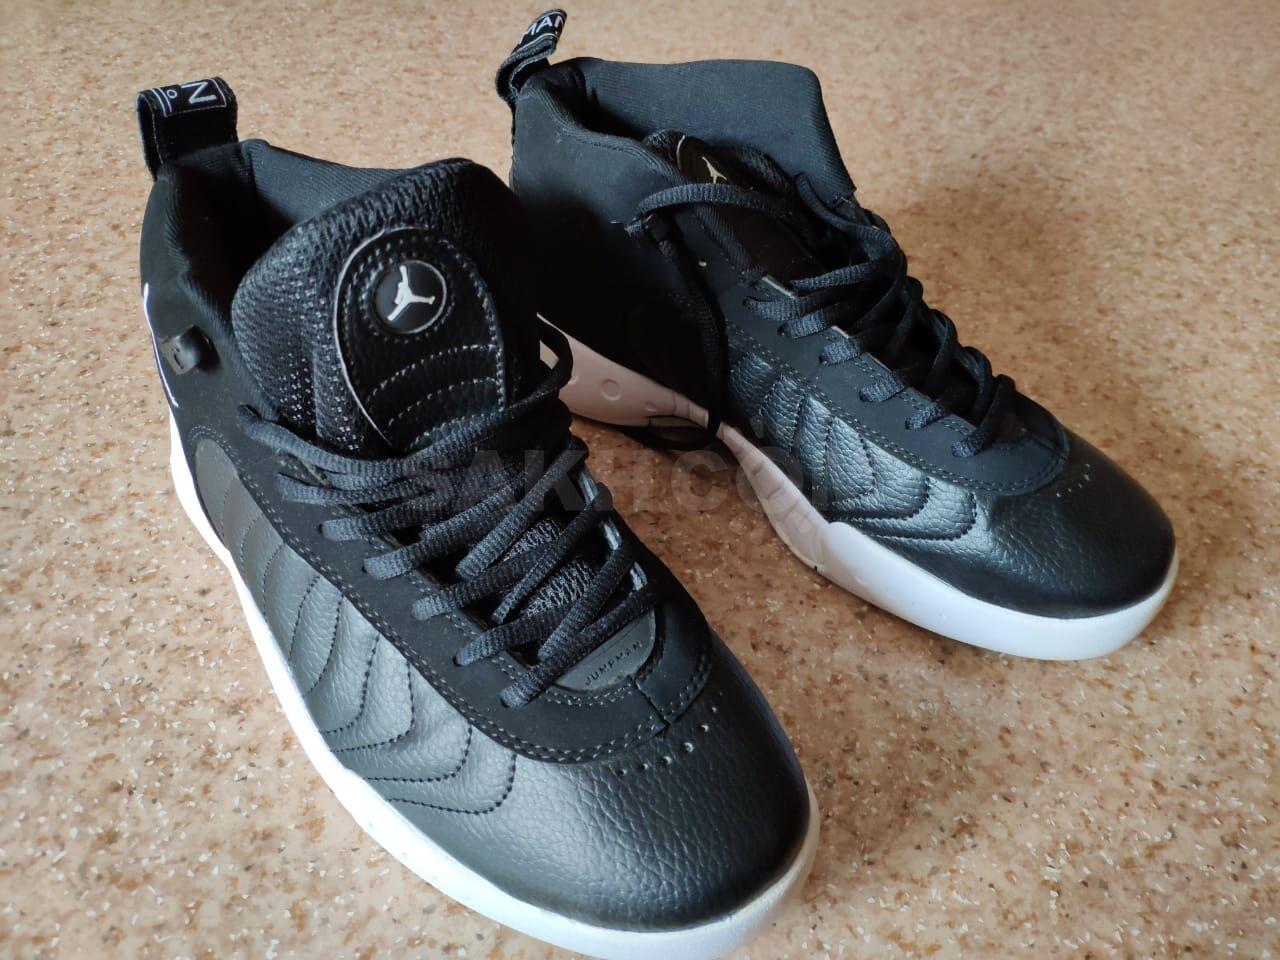 b479a4966fc0 Качественная реплика известных Nike Jordan. Размер 41. Подойдет для носки  зимой весной осенью. Покупались давно, но не носились, только для примерки.